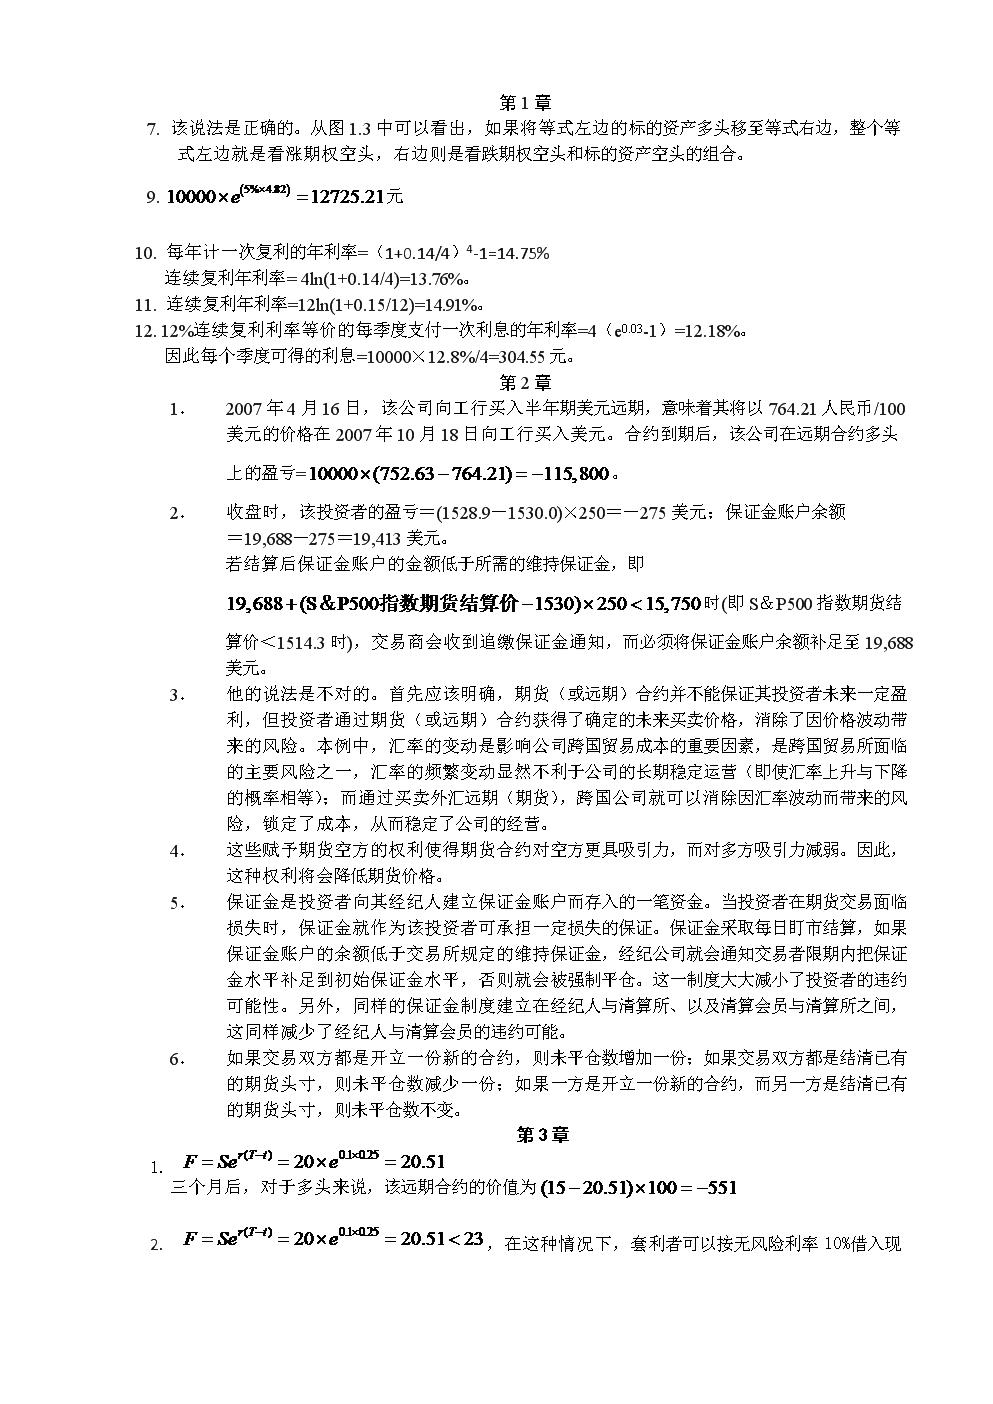 金融工程-郑振龙课后习题答案.doc